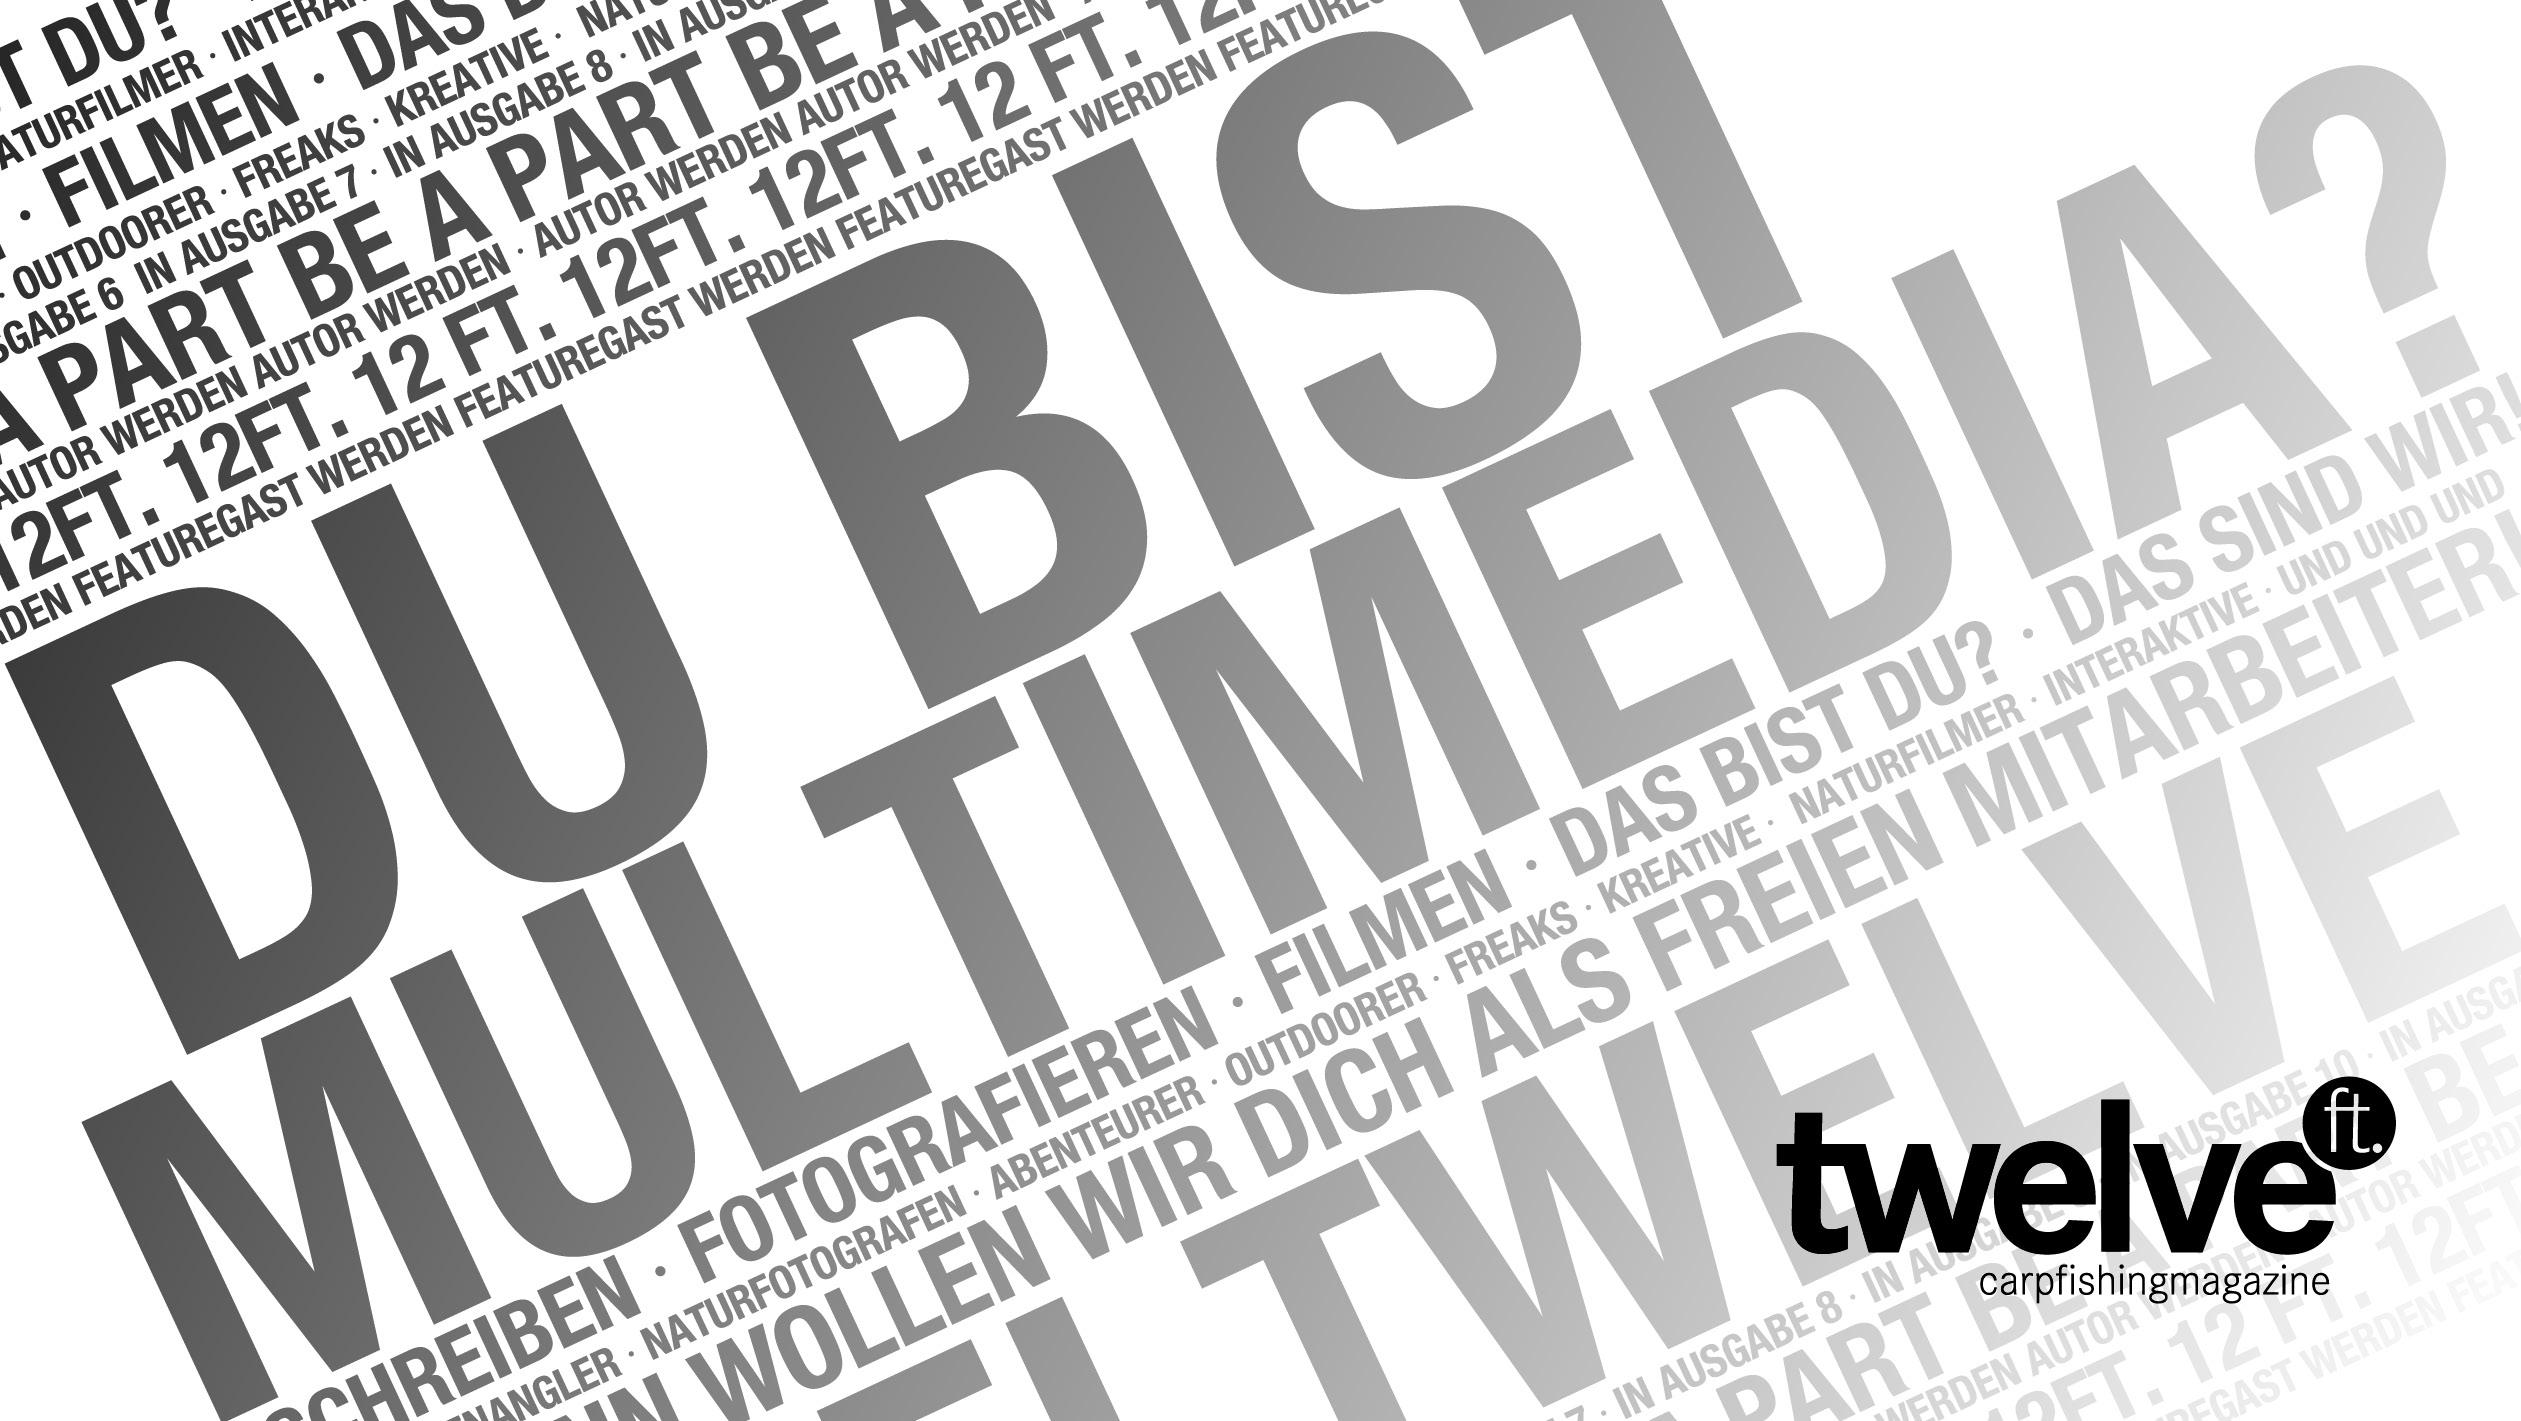 dubist2 - Wir suchen dich!